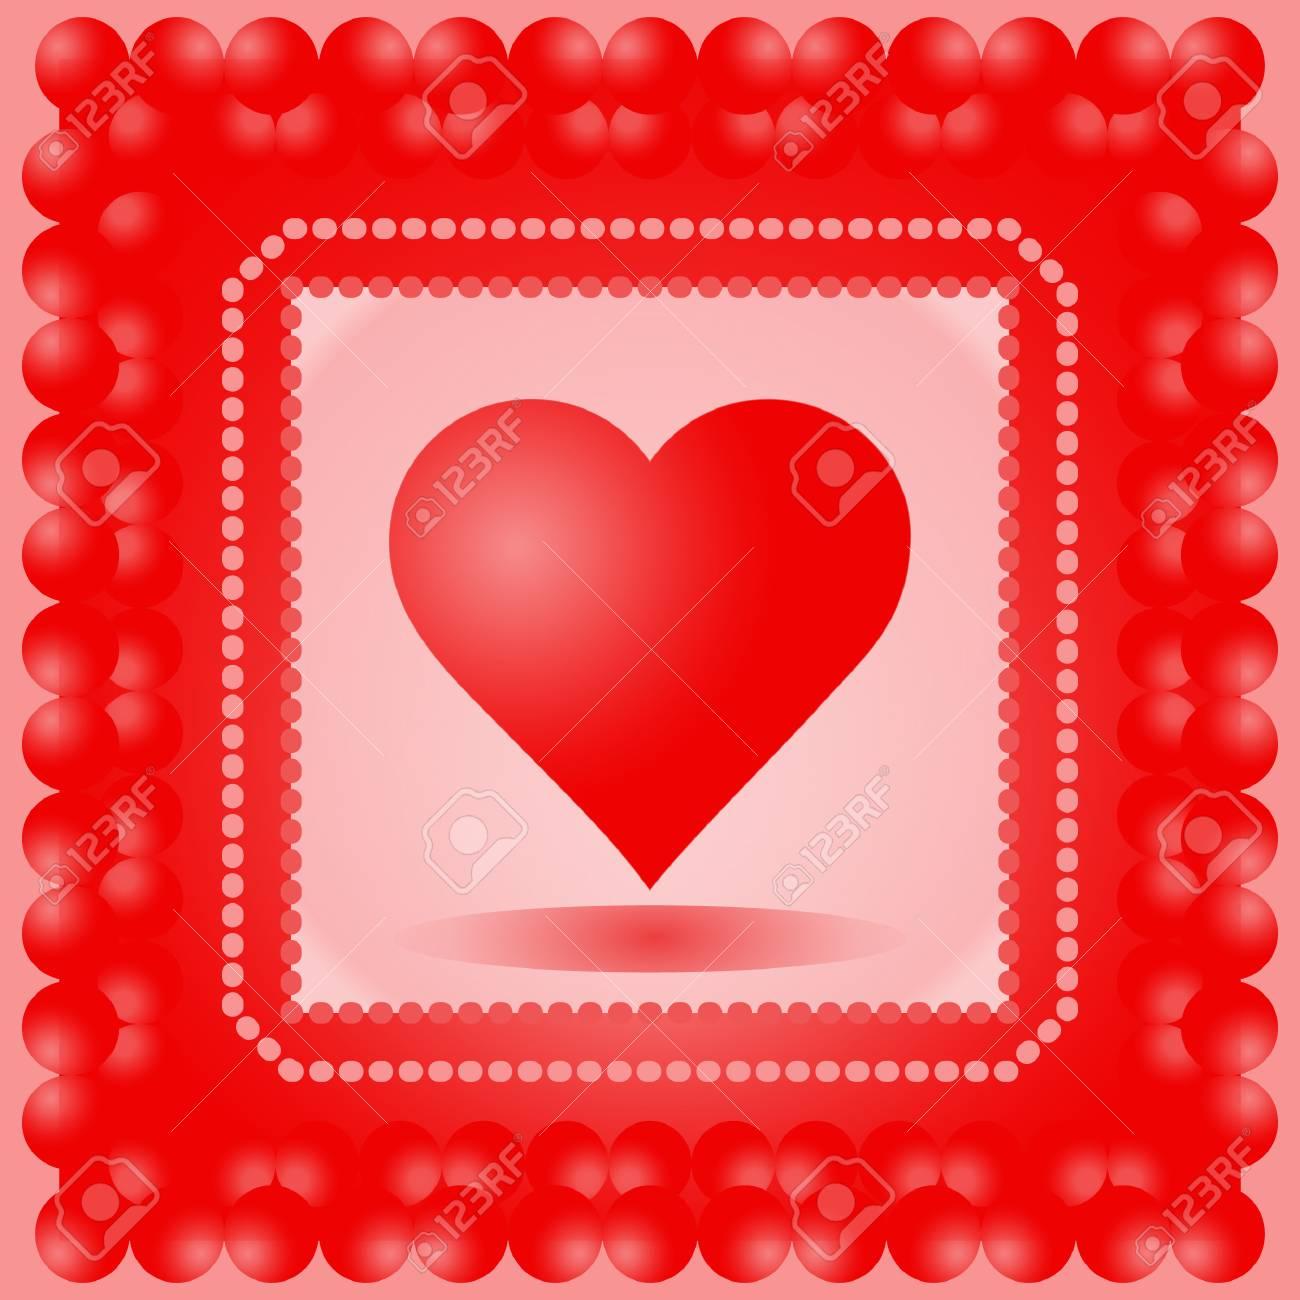 Rojo Amor Corazón adorno de artesanía boda matrimonio celebración Pegatinas Card